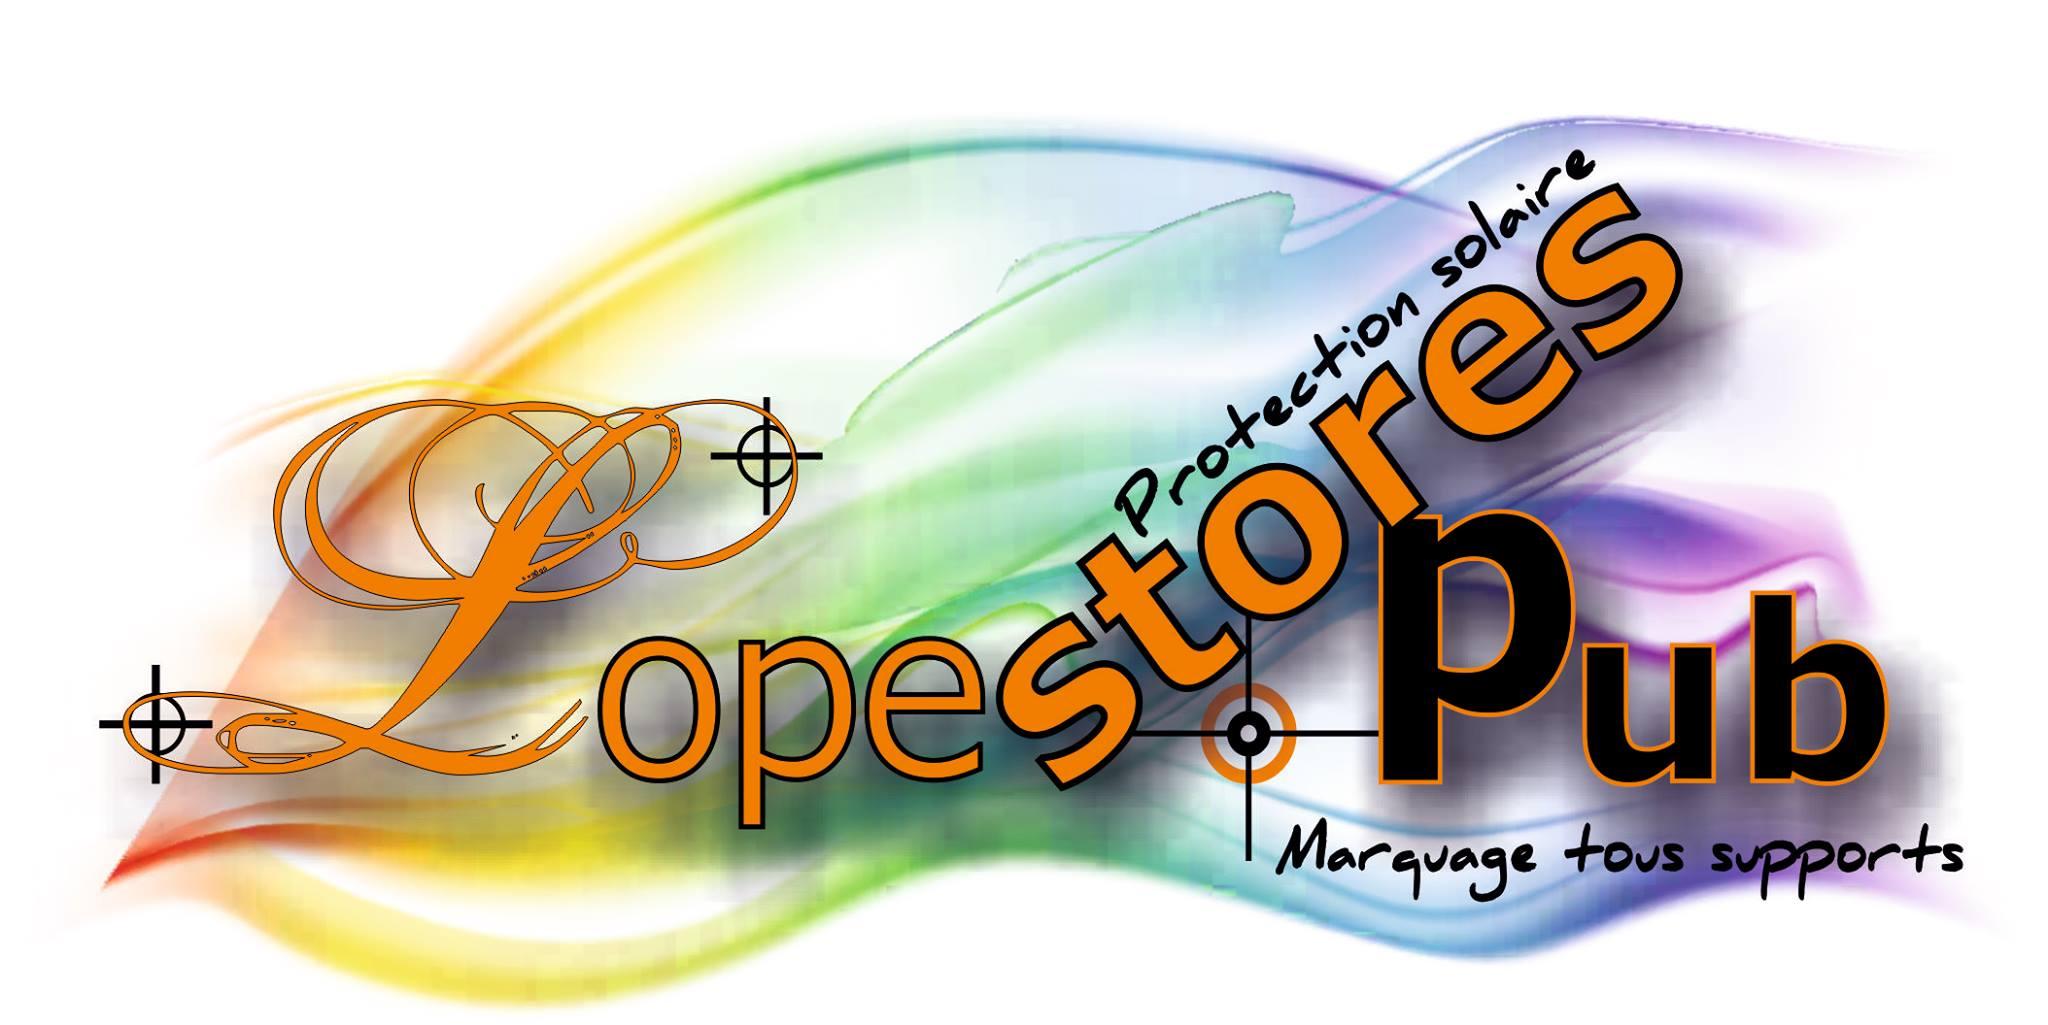 partenaire_lopes_pub